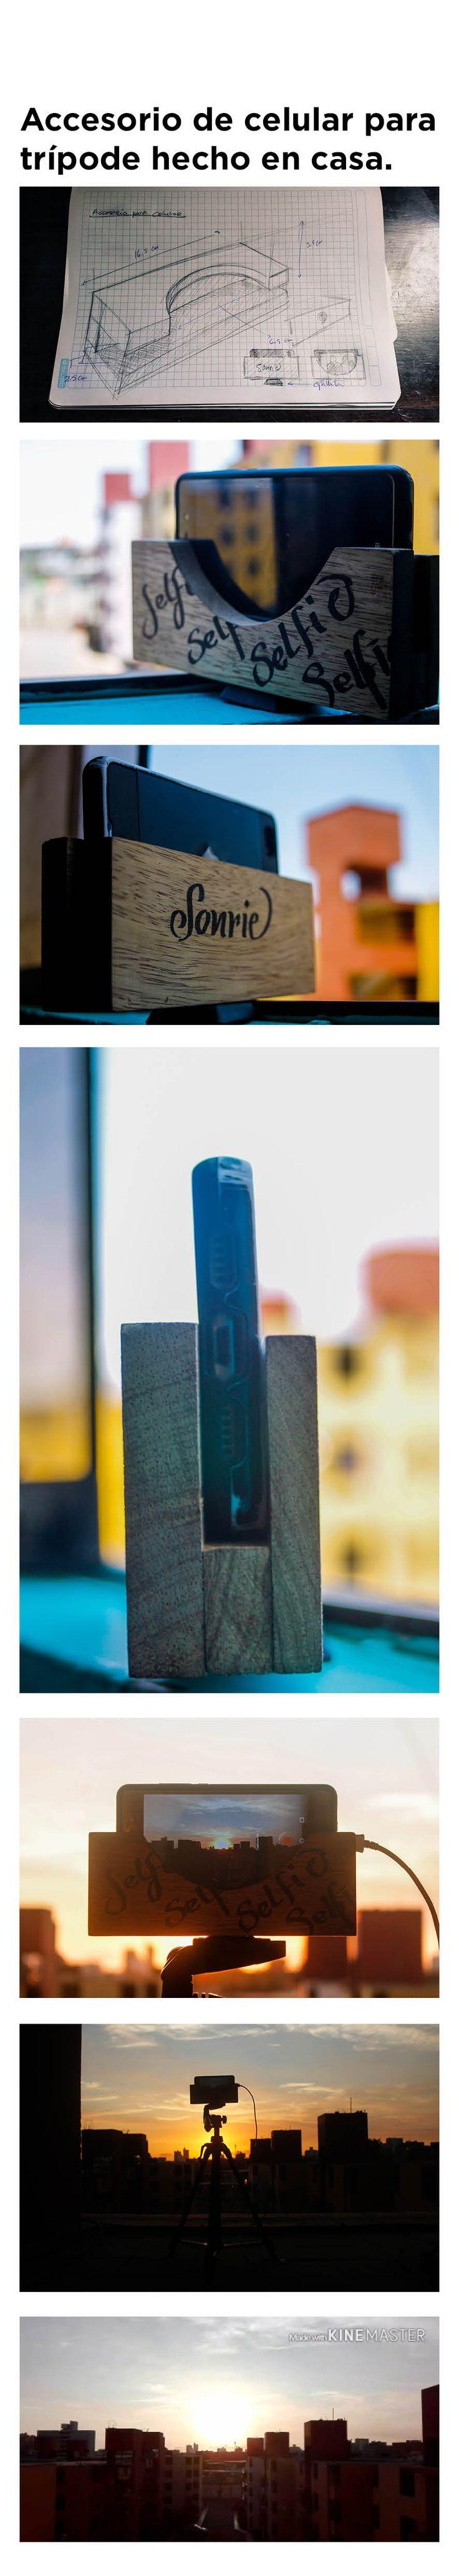 Un accesorio de celular pensado para el trípode . Grabar en cámara rápida y fotografiar momentos especiales.